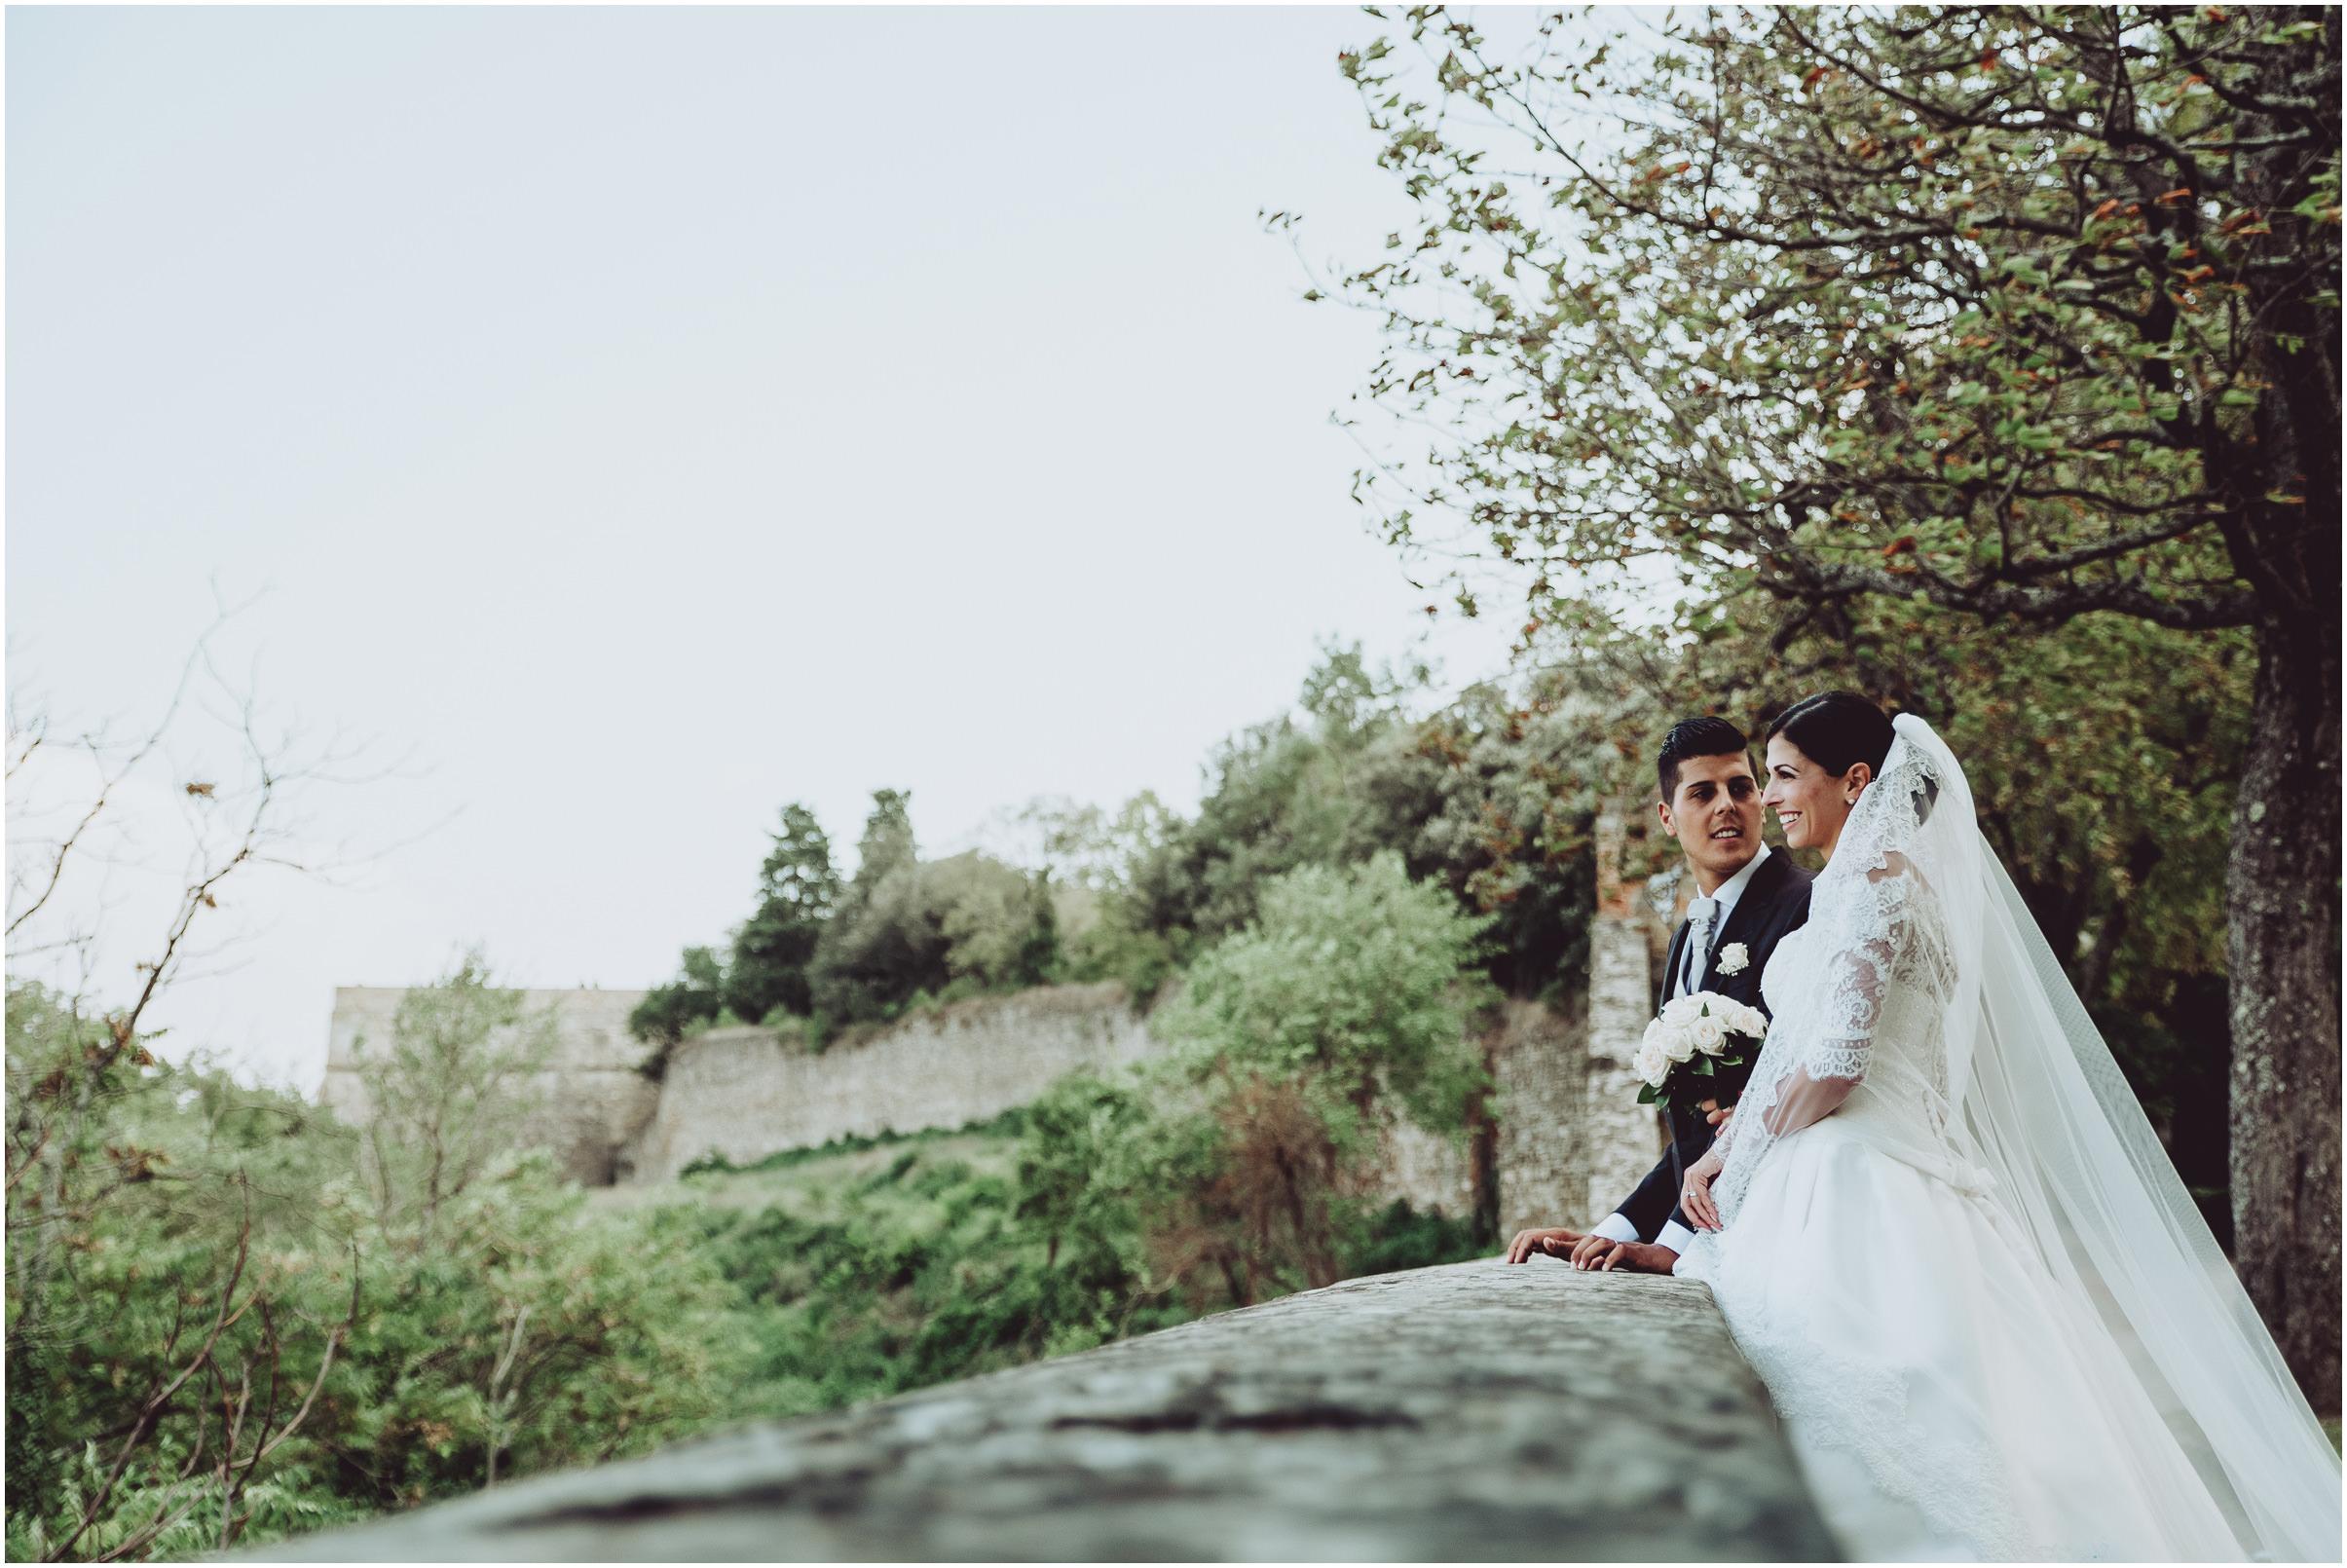 WEDDING-PHOTOGRAPHY-SARA-LORENZONI-FOTOGRAFIA-MATRIMONIO-AREZZO-TUSCANY-EVENTO-LE-SPOSE-DI-GIANNI-ELISA-LUCA032